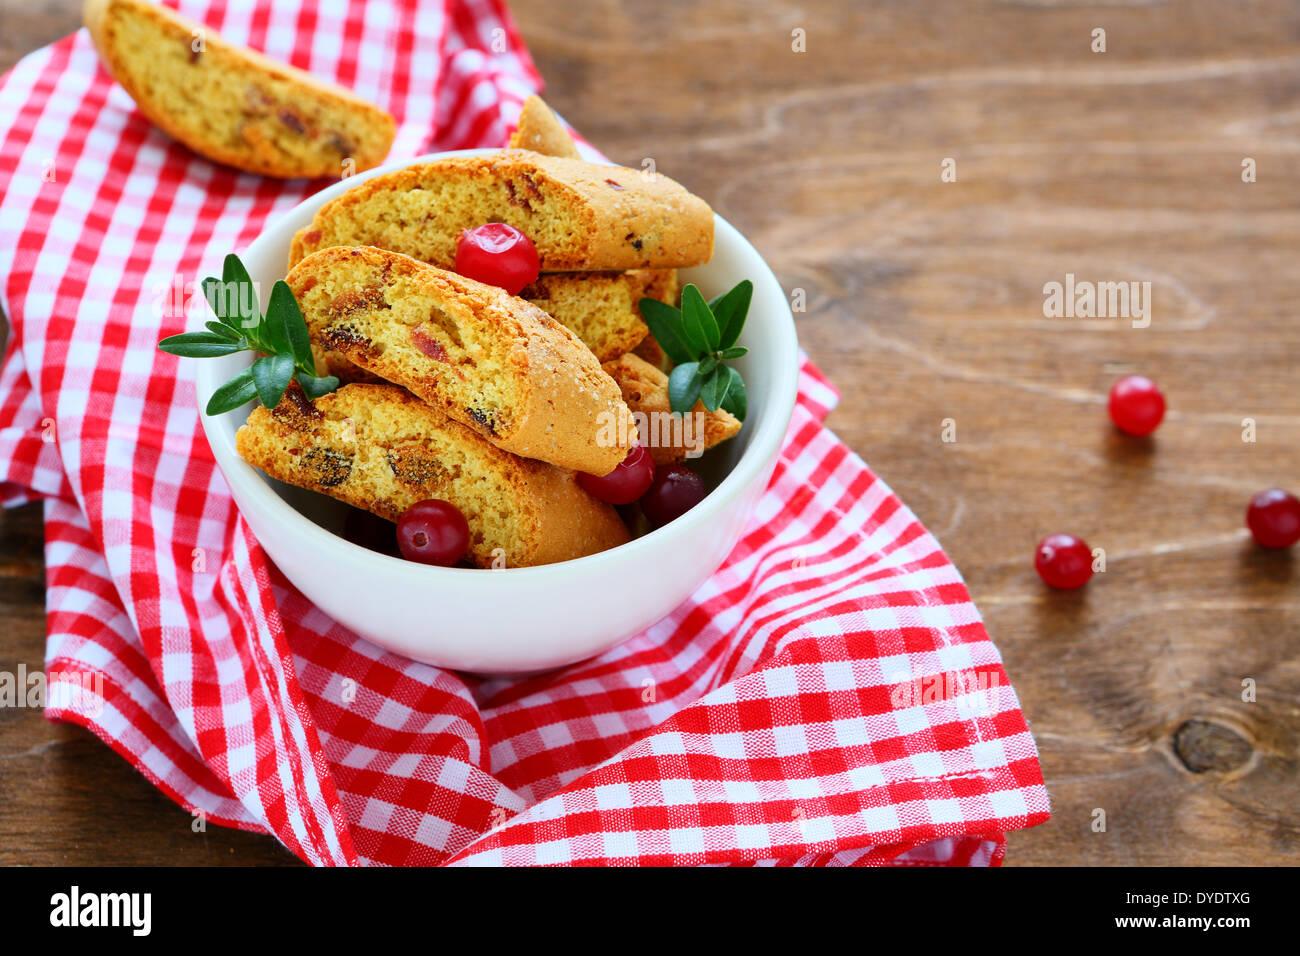 Biscotti italien traditionnel, de l'alimentation libre Photo Stock